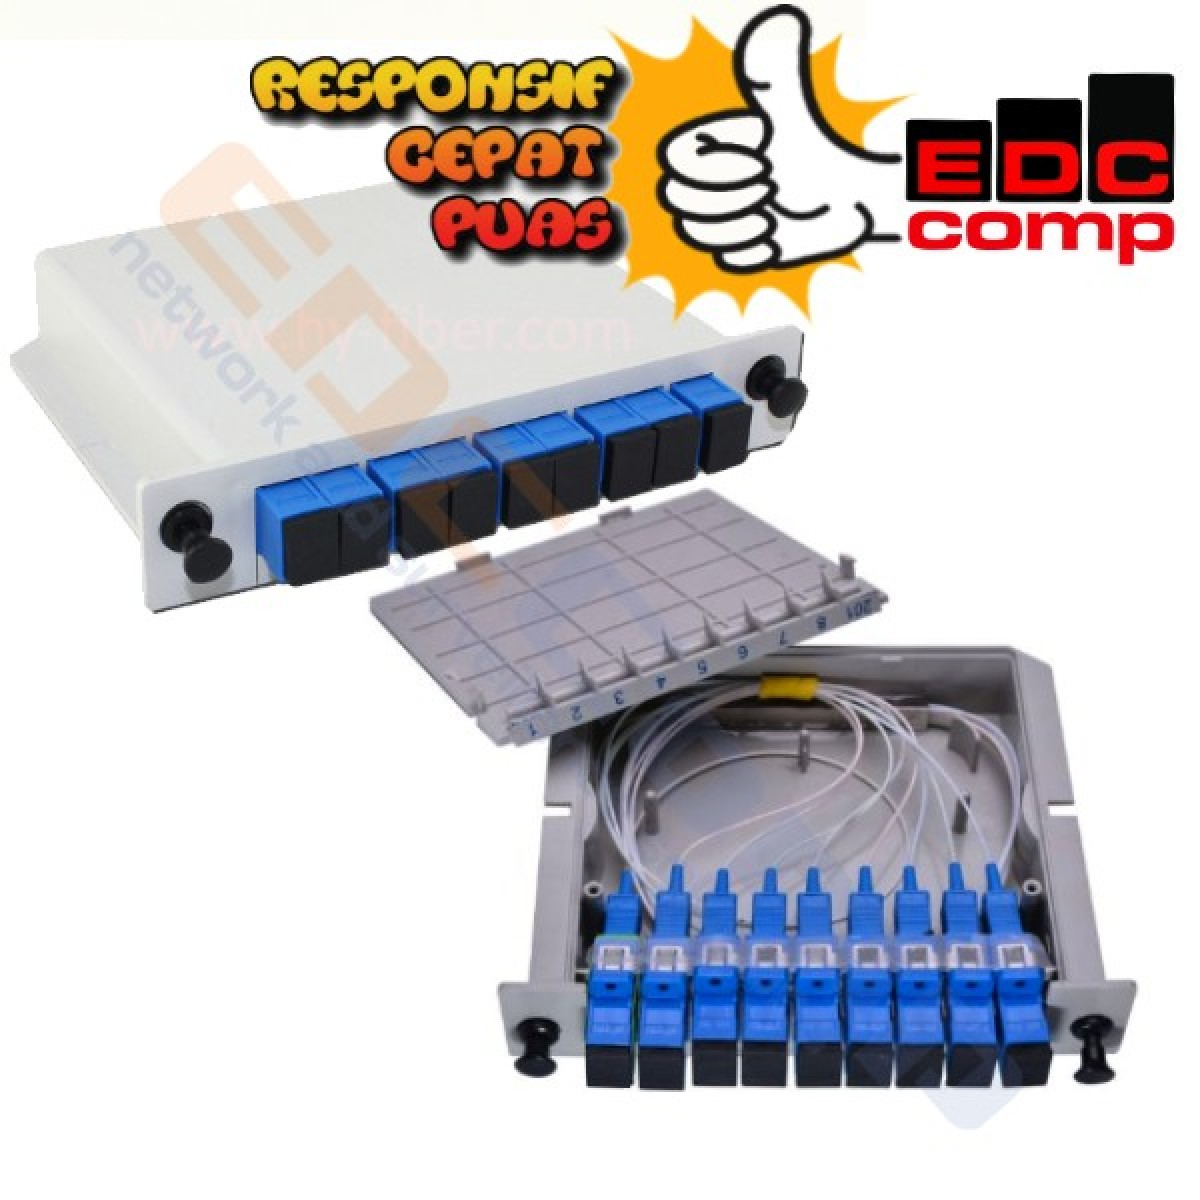 SC / UPC Fiber Optic Splitter Cassette Box 1:8 - EdcComp